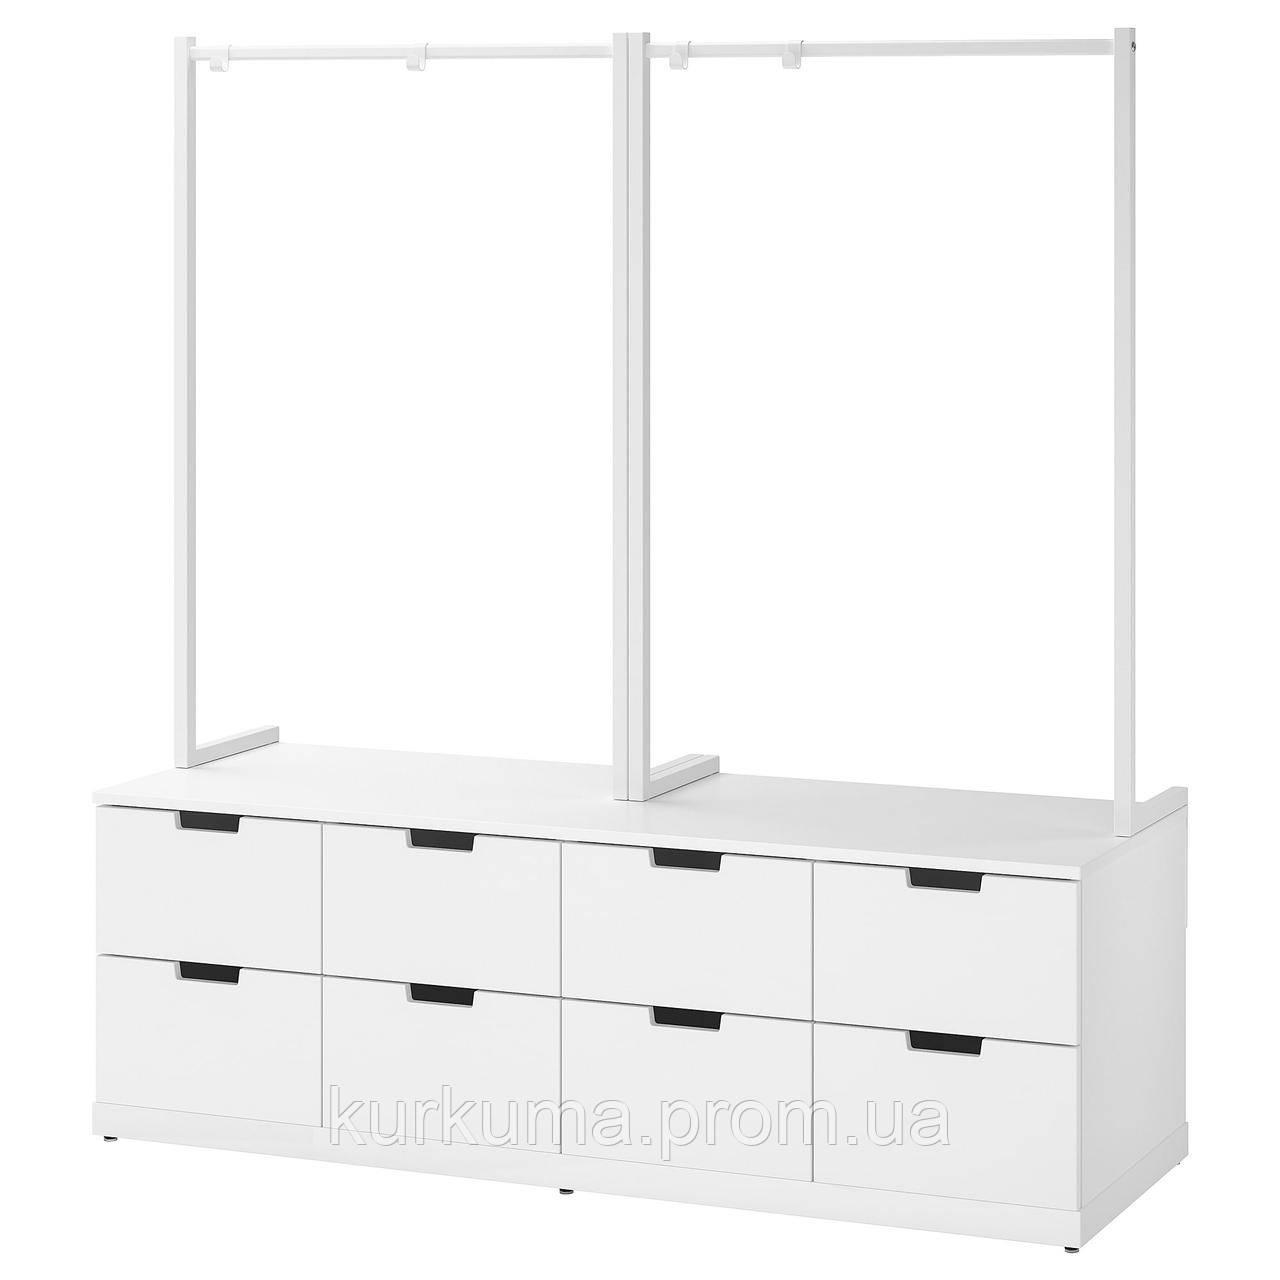 IKEA NORDLI Комод с 8 ящиками, белый, 160x169 см (492.952.08)